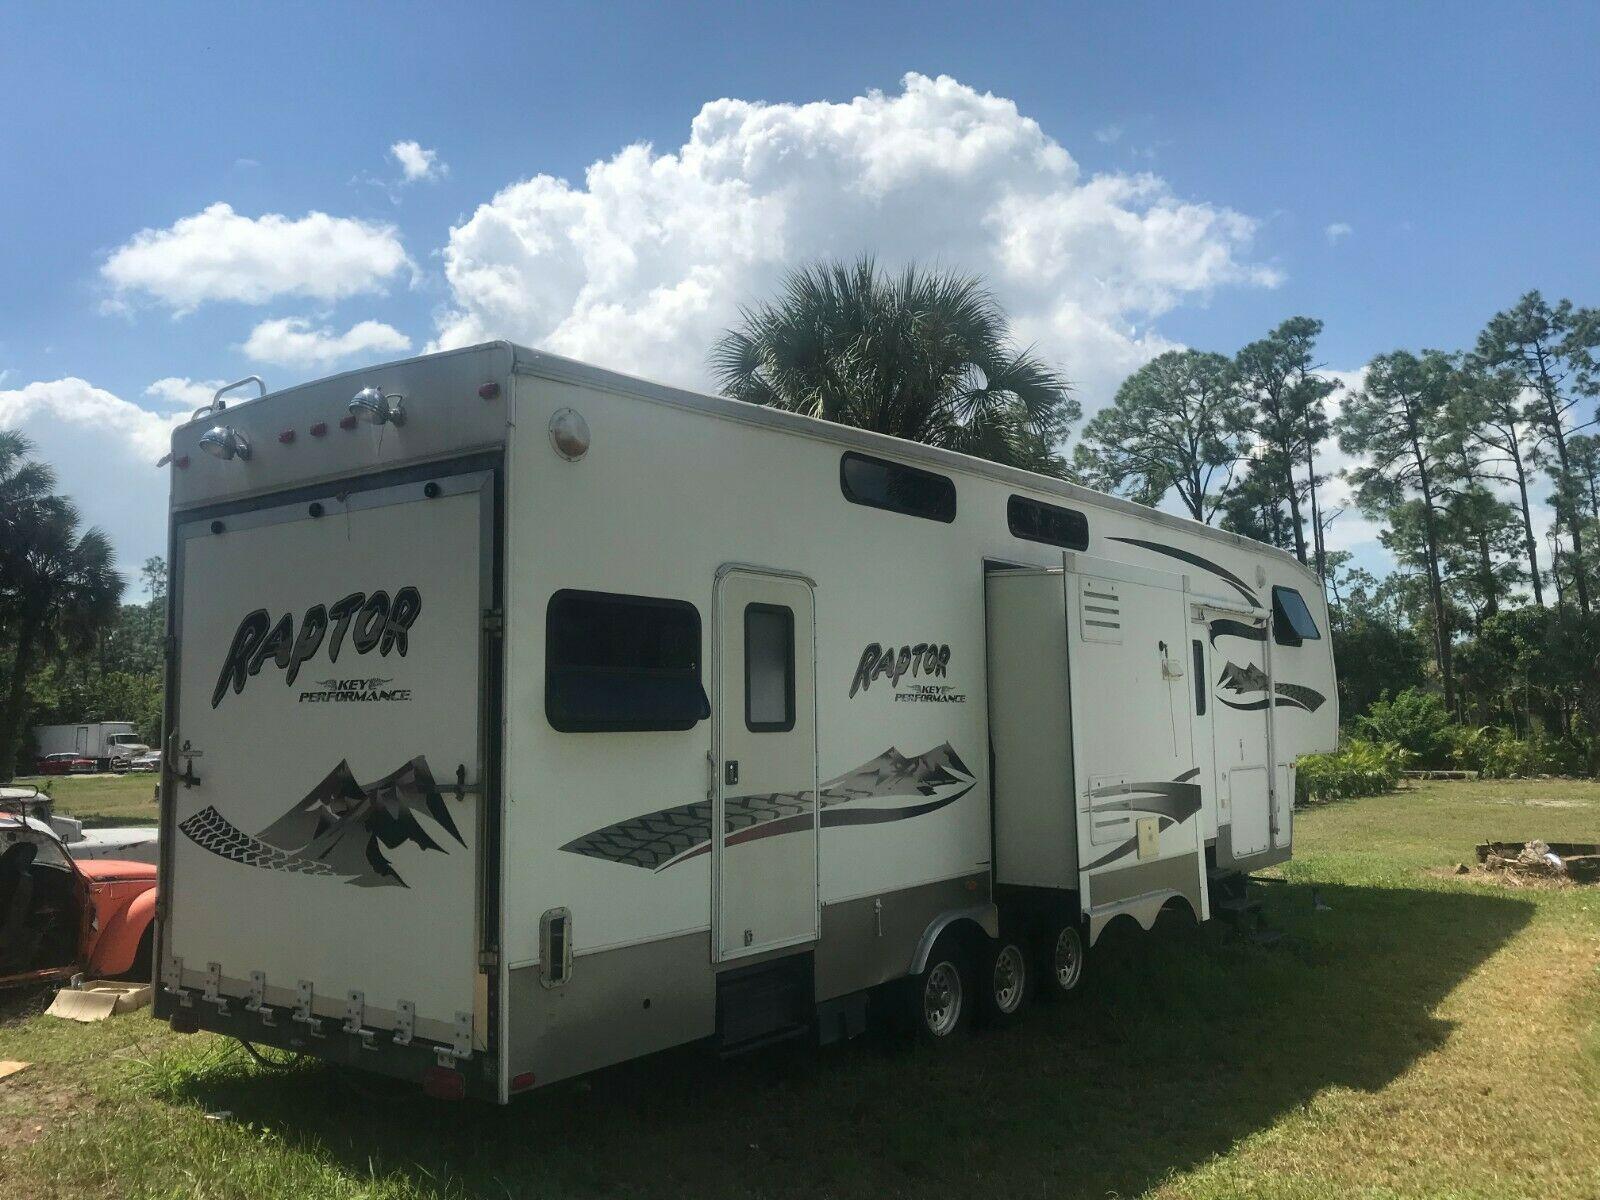 roomy 2006 Keystone RAPTOR 38 FT camper